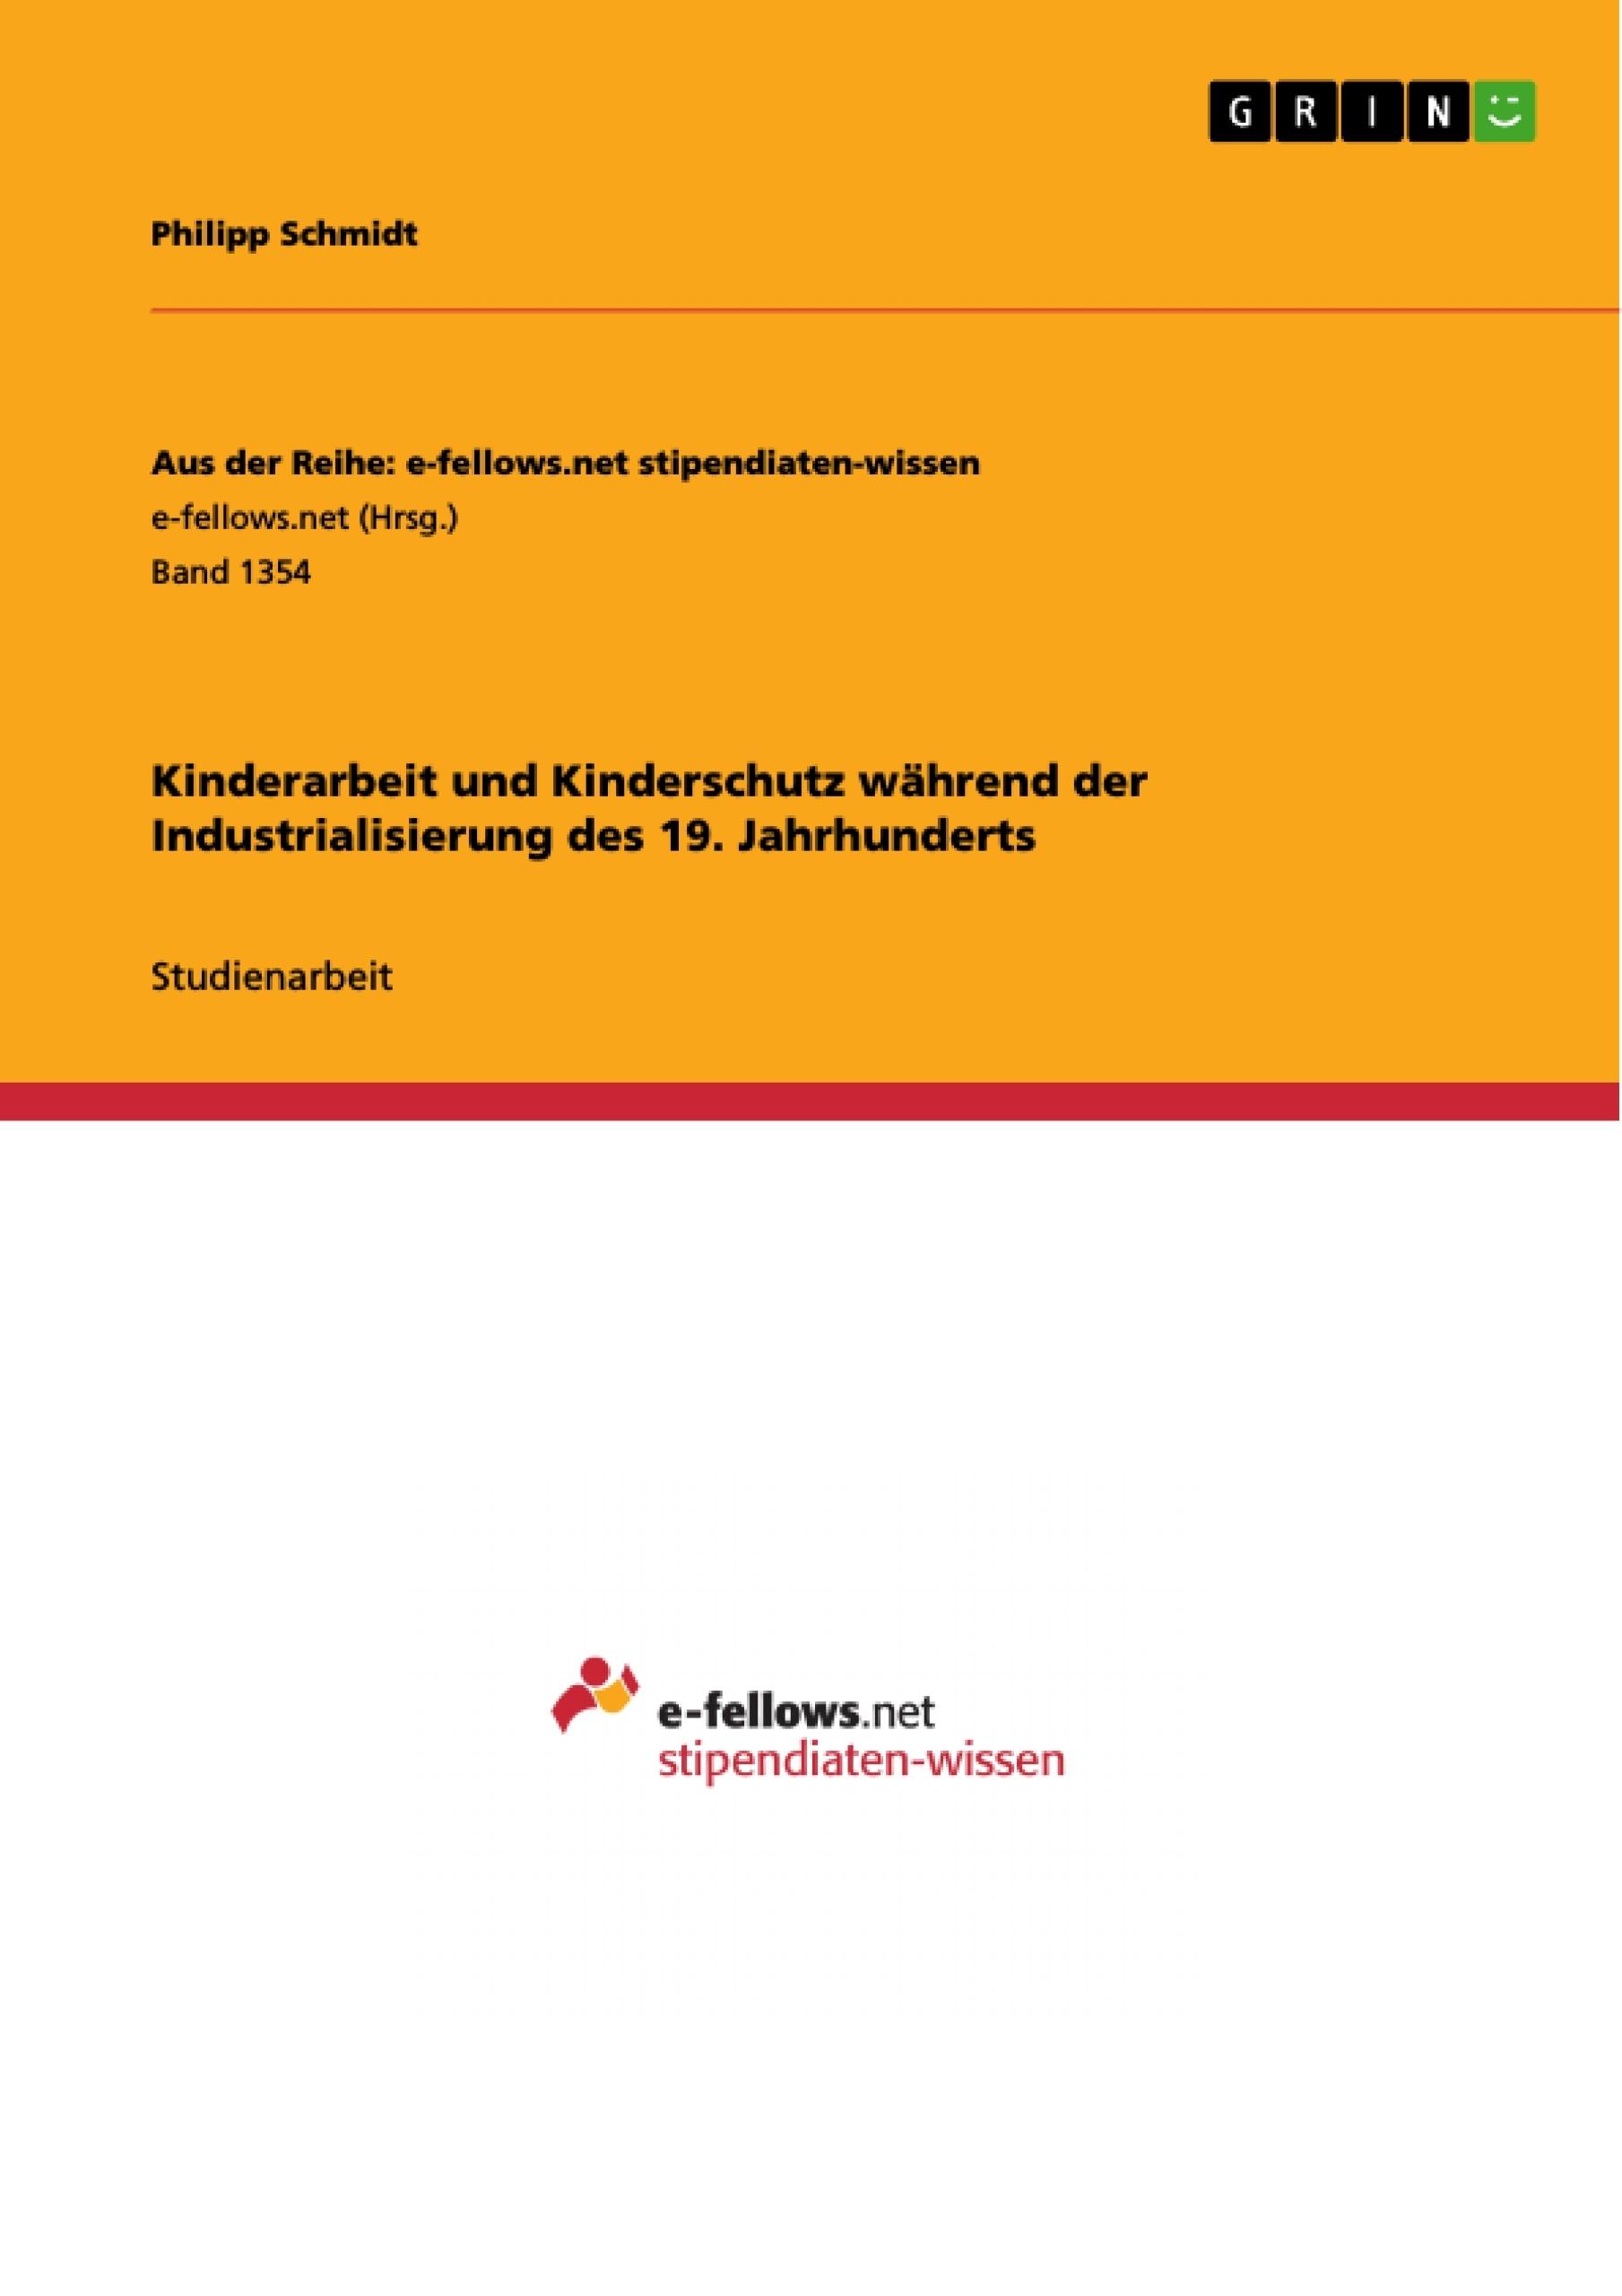 Titel: Kinderarbeit und Kinderschutz während der Industrialisierung des 19. Jahrhunderts